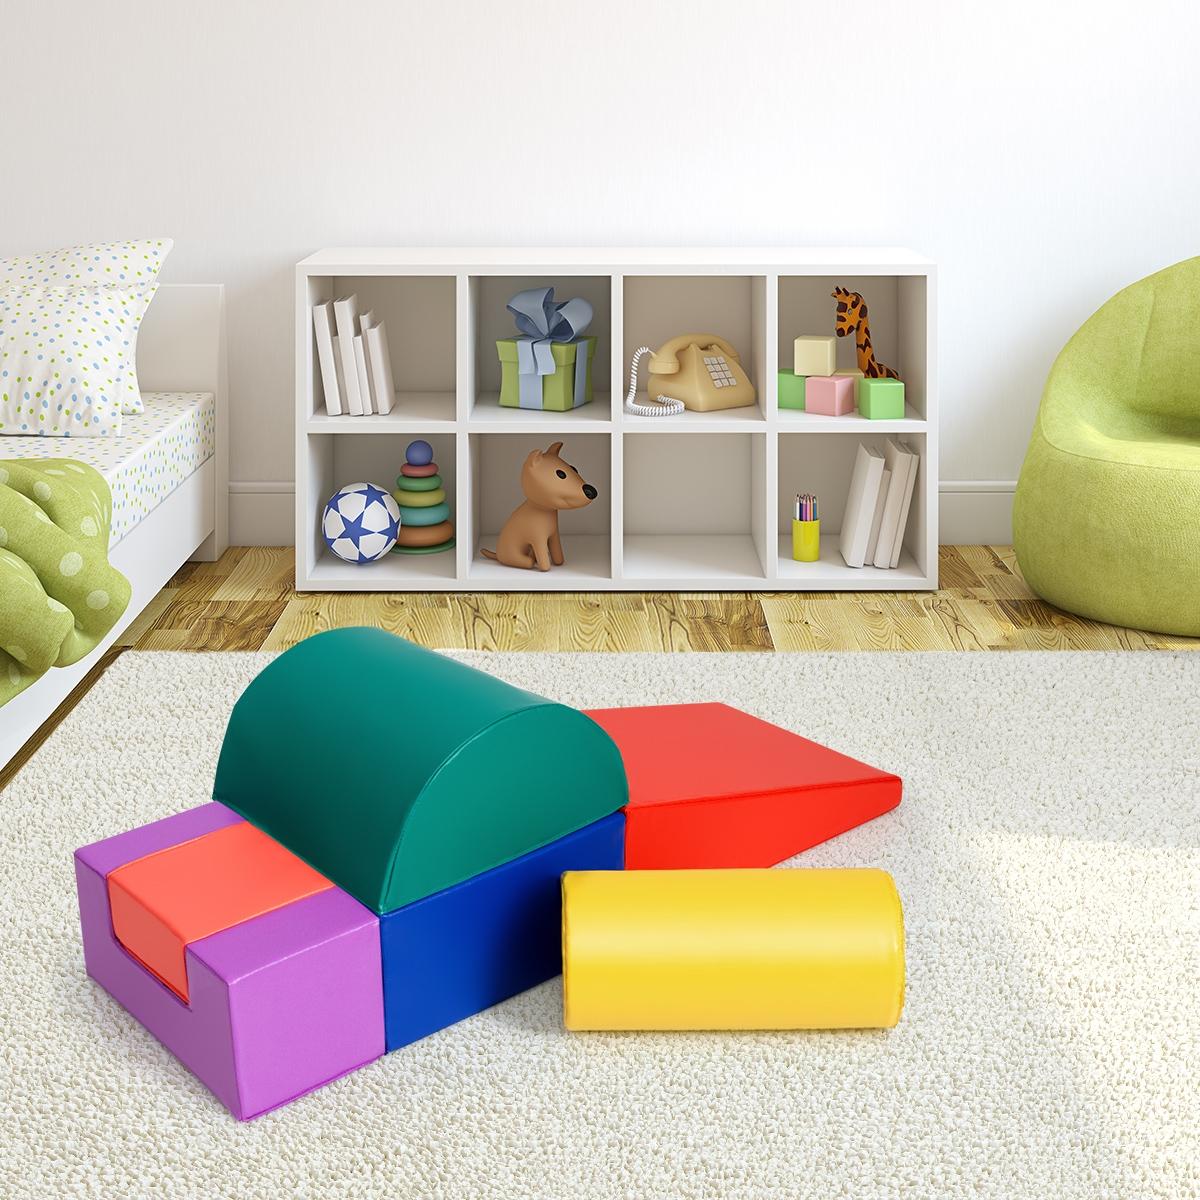 Costway Set con 6 pezzi per giocare e arrampicarsi Blocchi giocattolo educativo per bambini